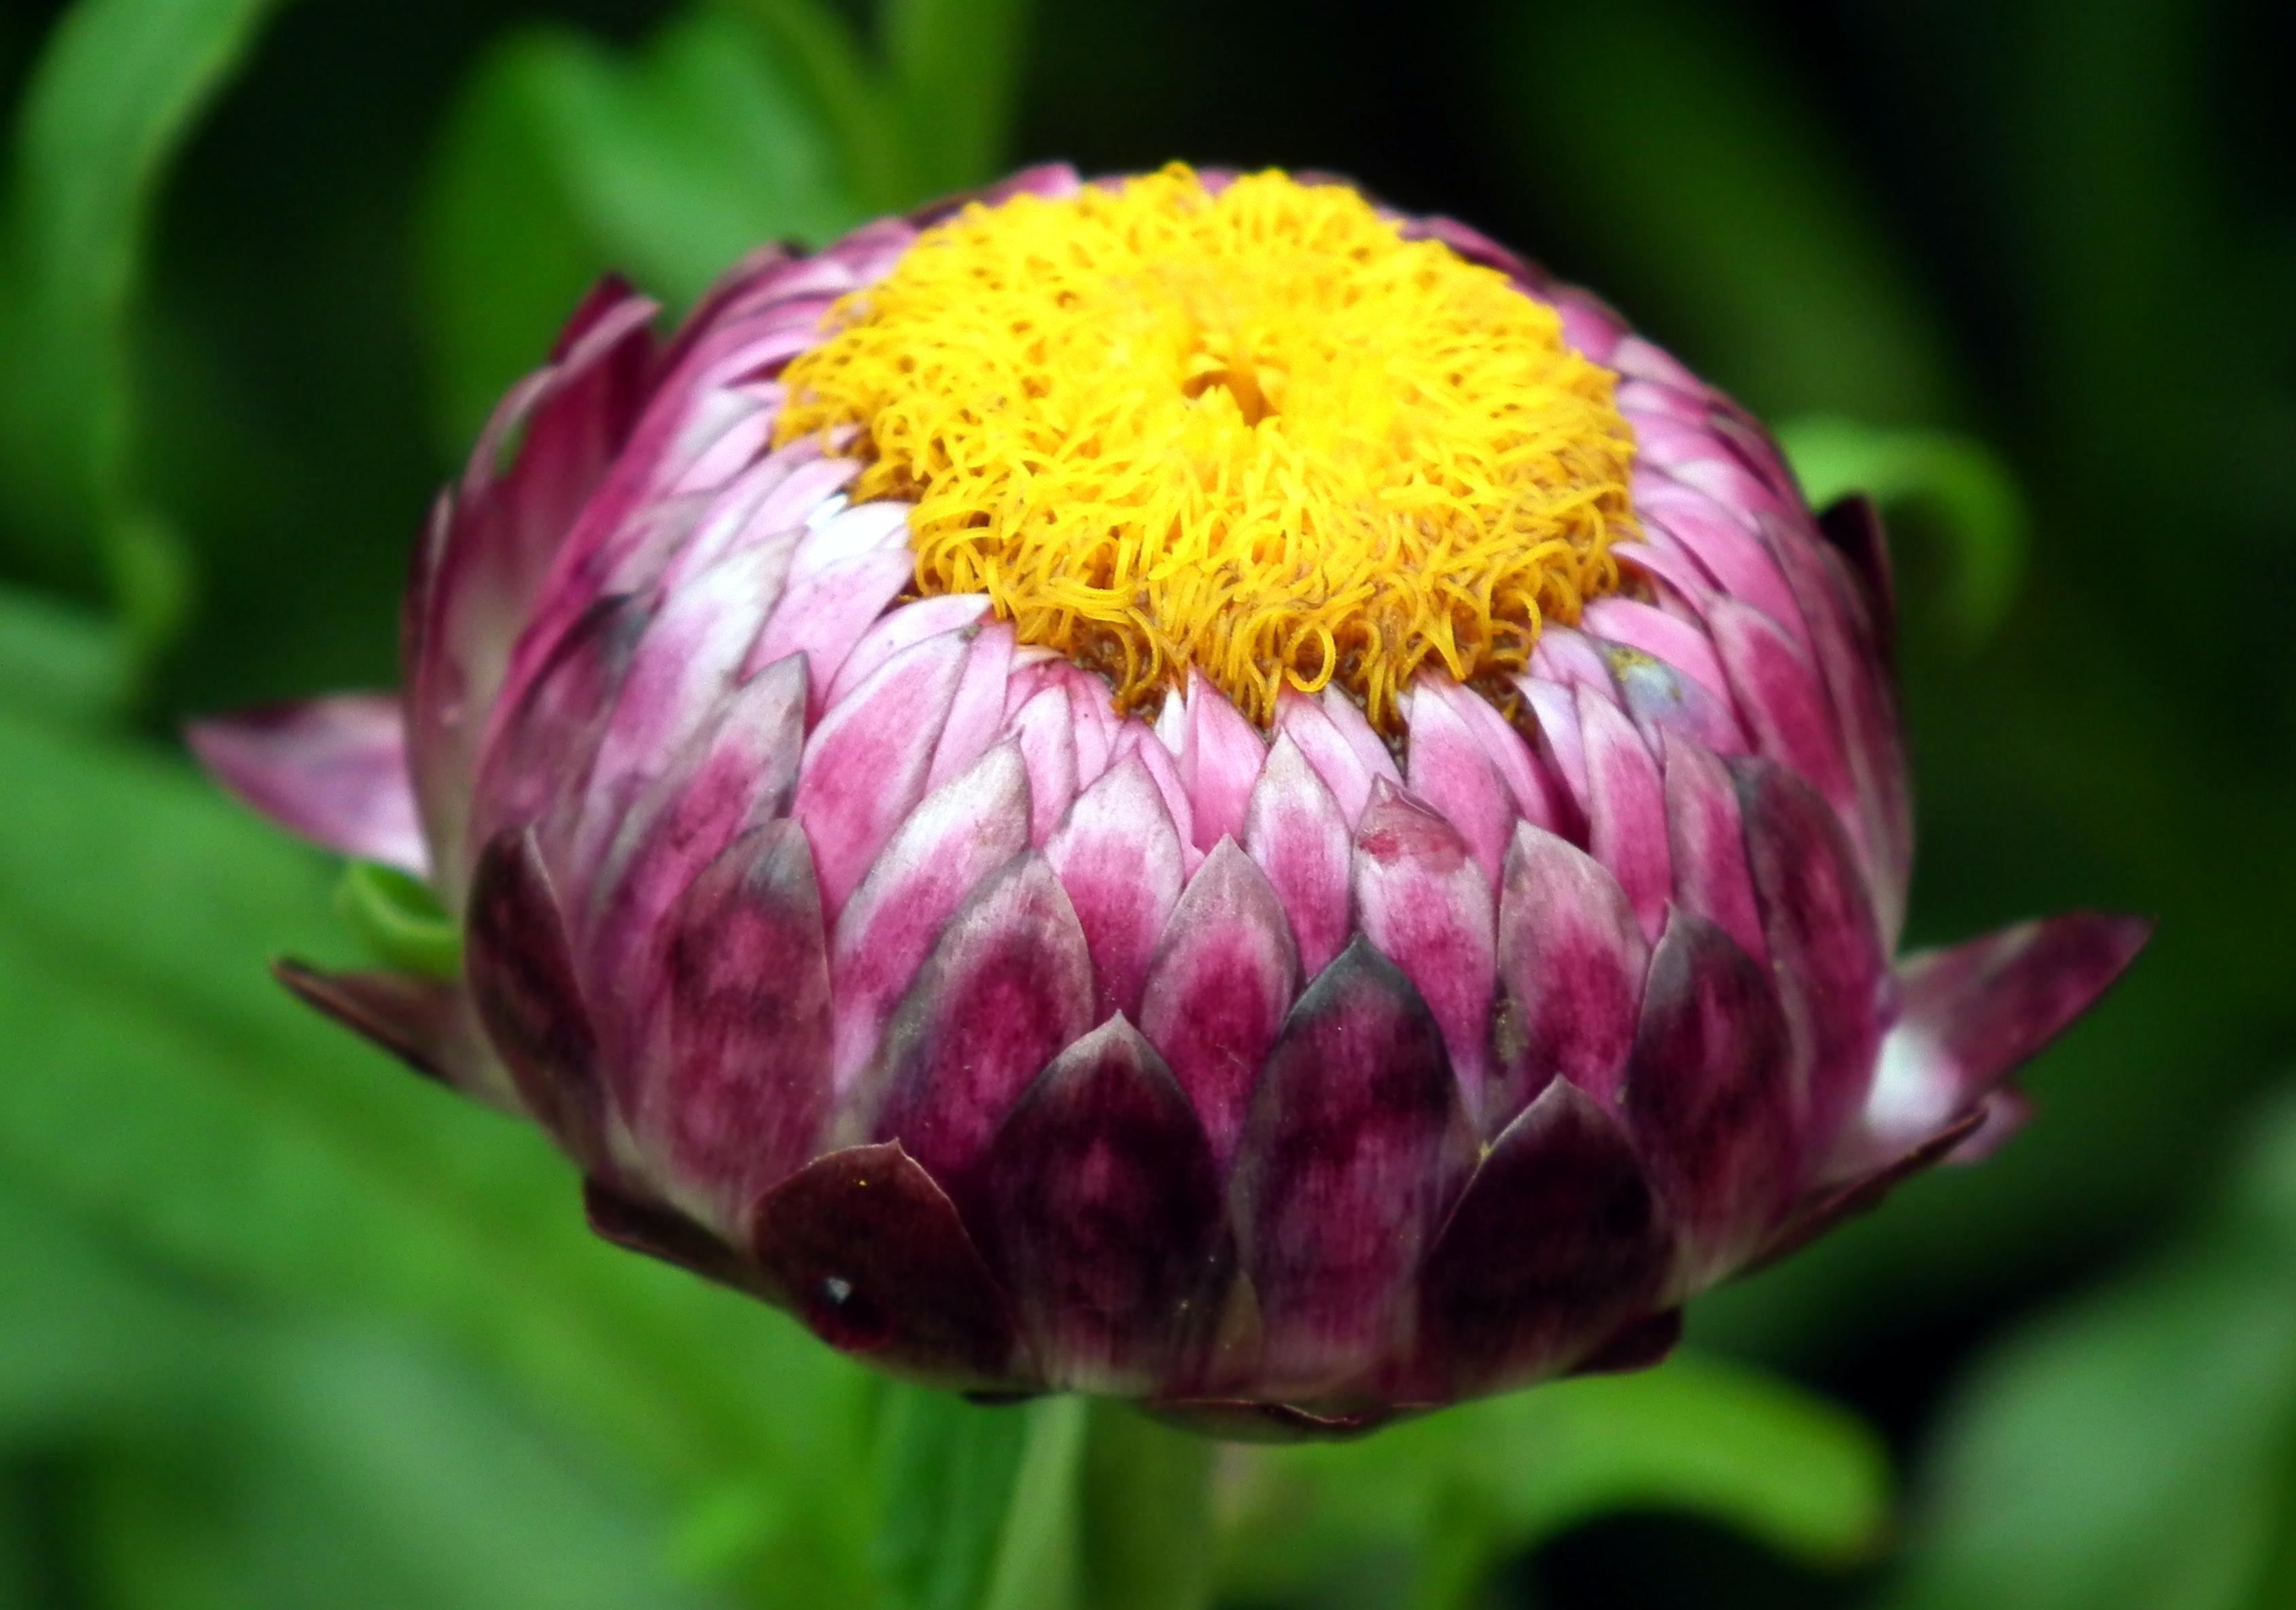 Hình ảnh nụ hoa bất tử